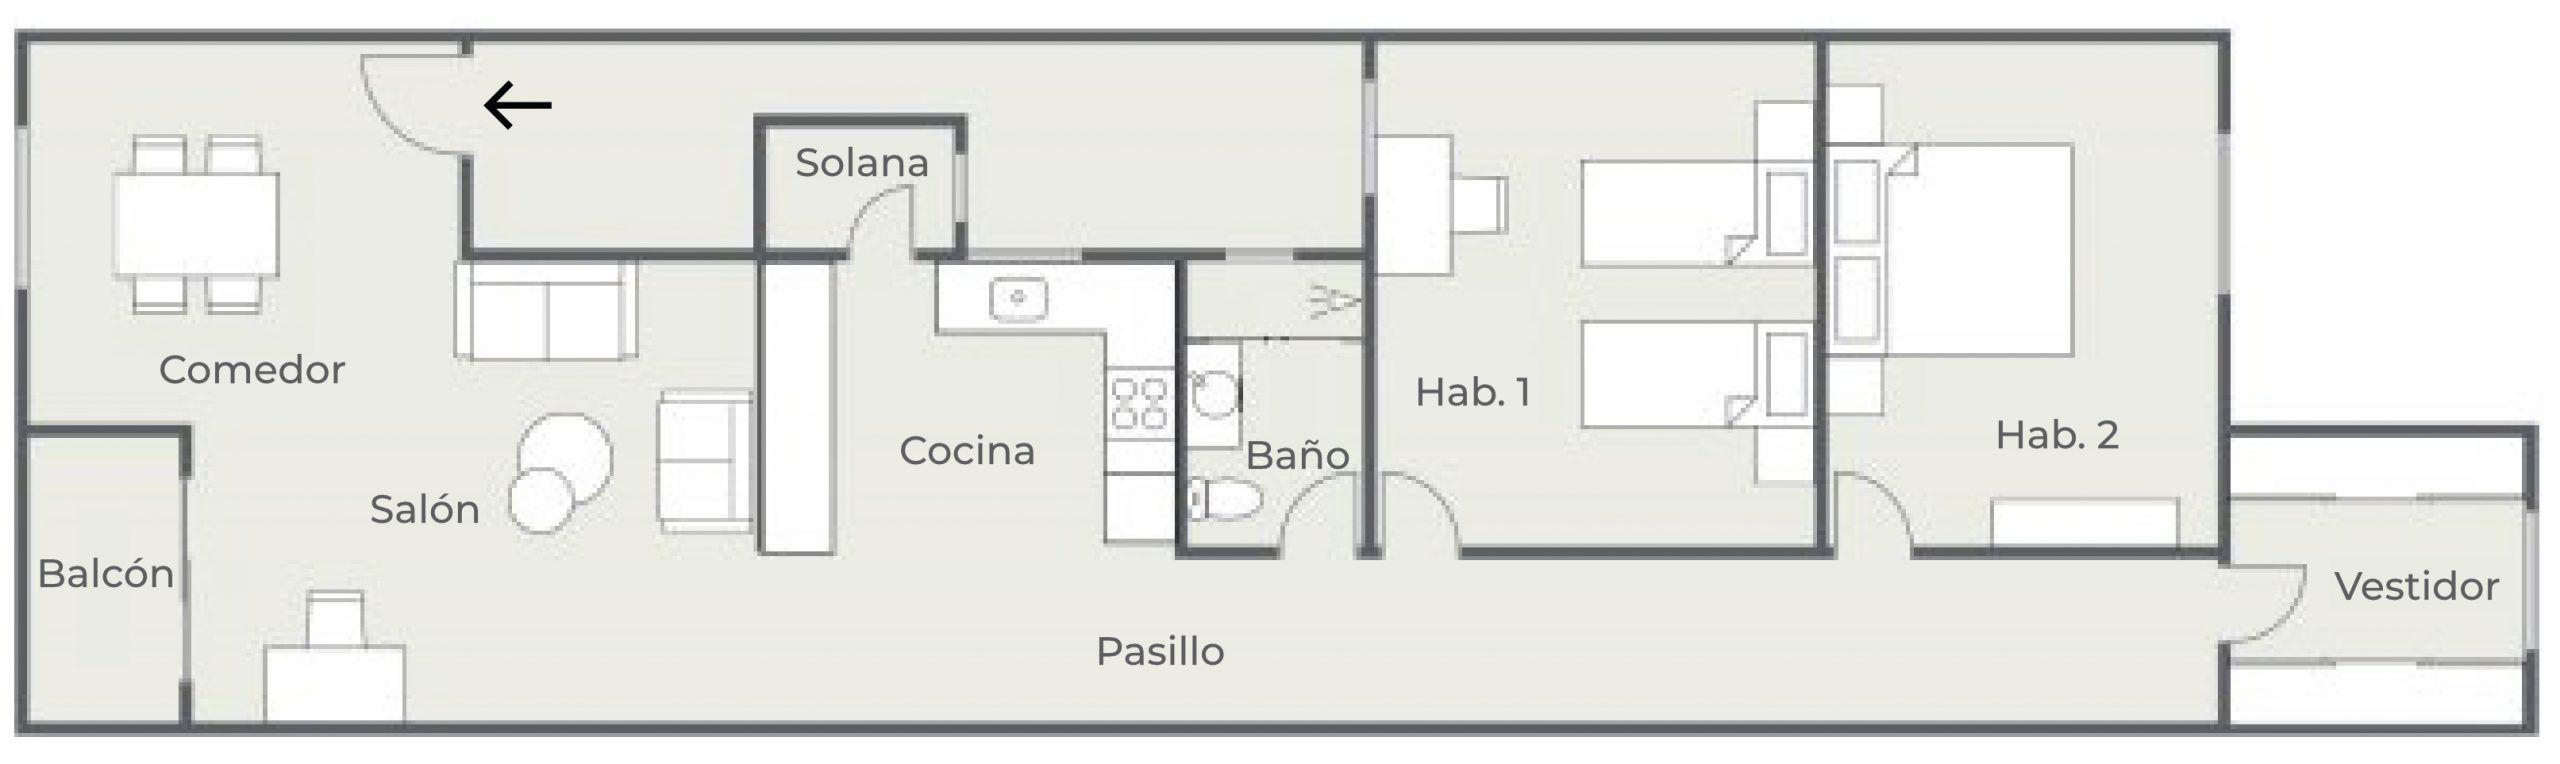 Doctor Guigou - Hotel Mencey - Plano de planta